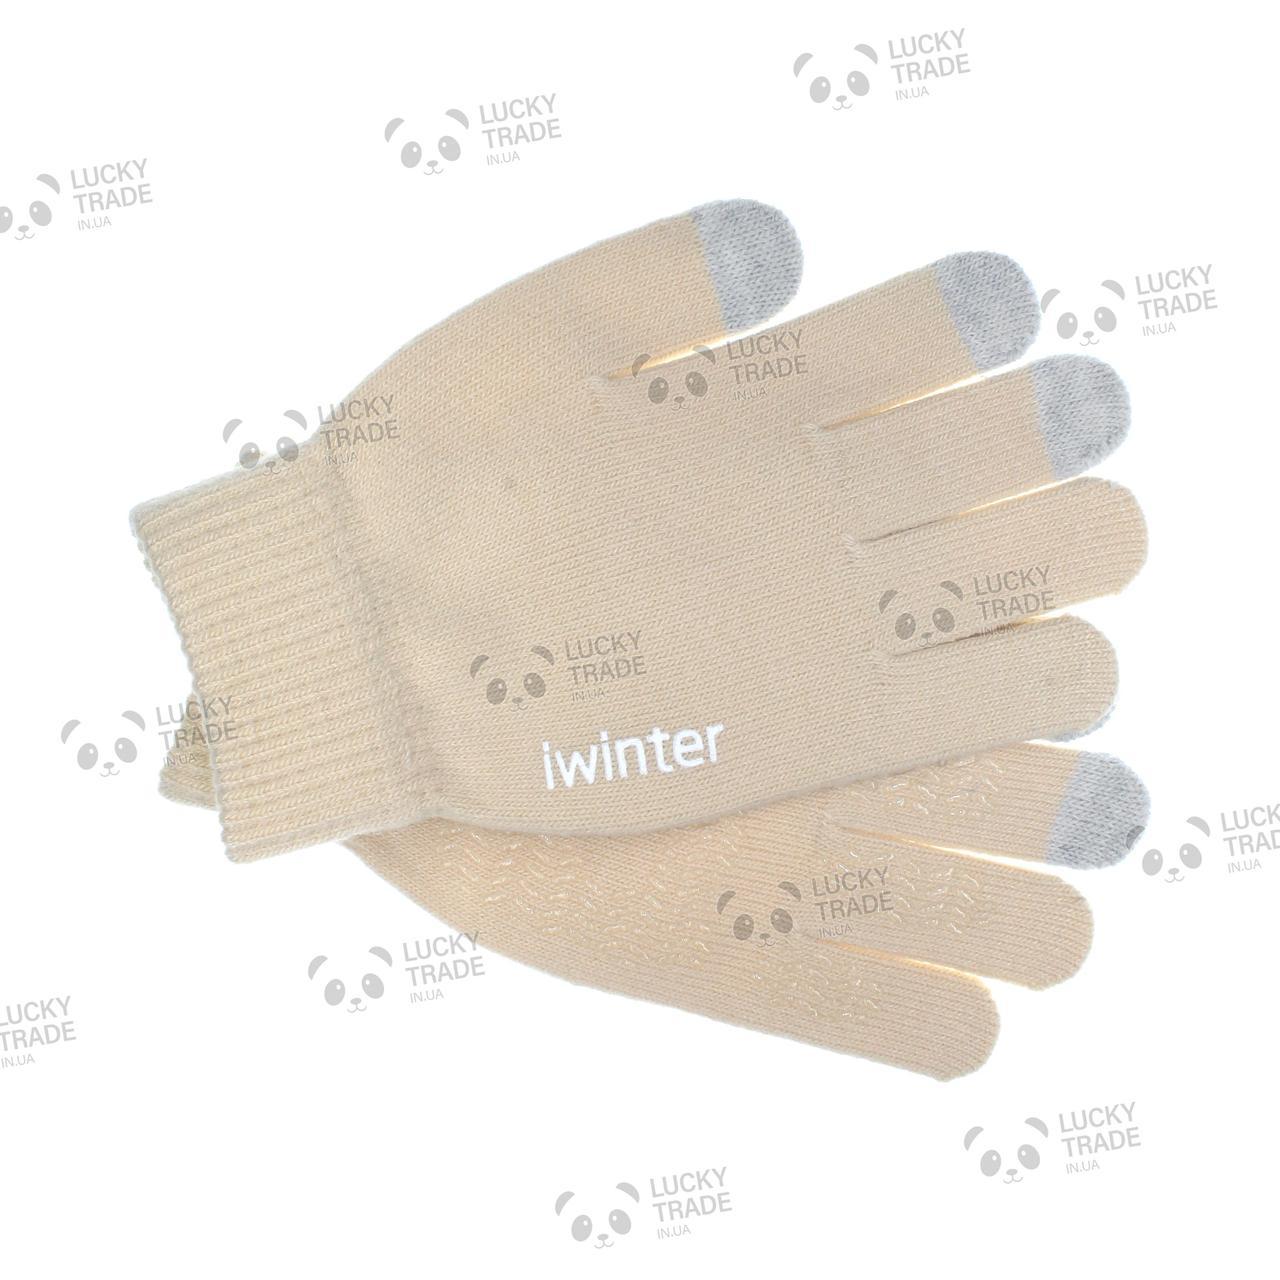 Зимние теплые перчатки iWinter для сенсорных экранов мужские женские Size S Бежевый / Серый (D-Z01) [2438]